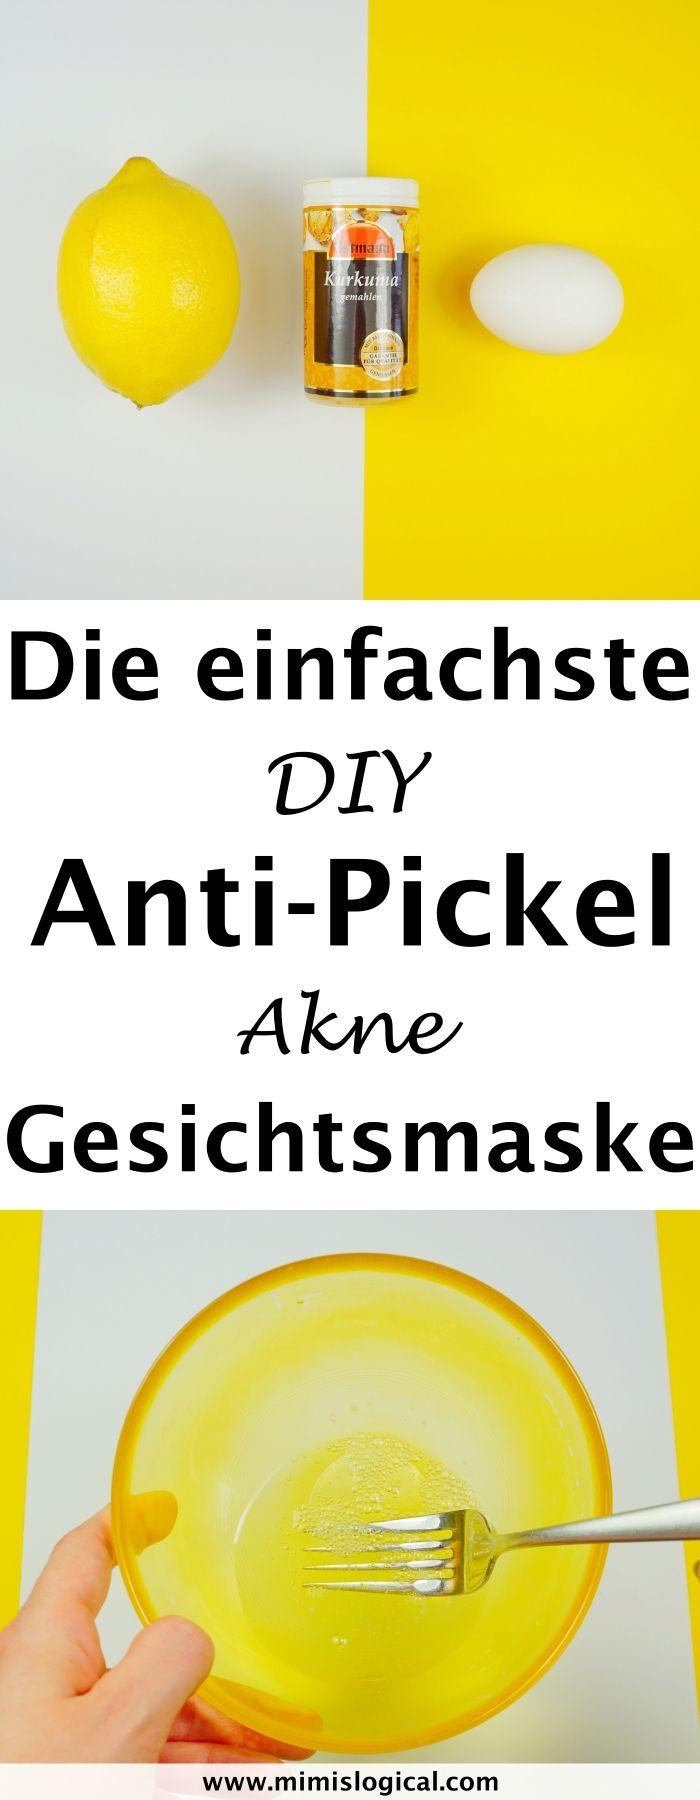 Die einfachste DIY Gesichtsmaske gegen Akne und Pickel